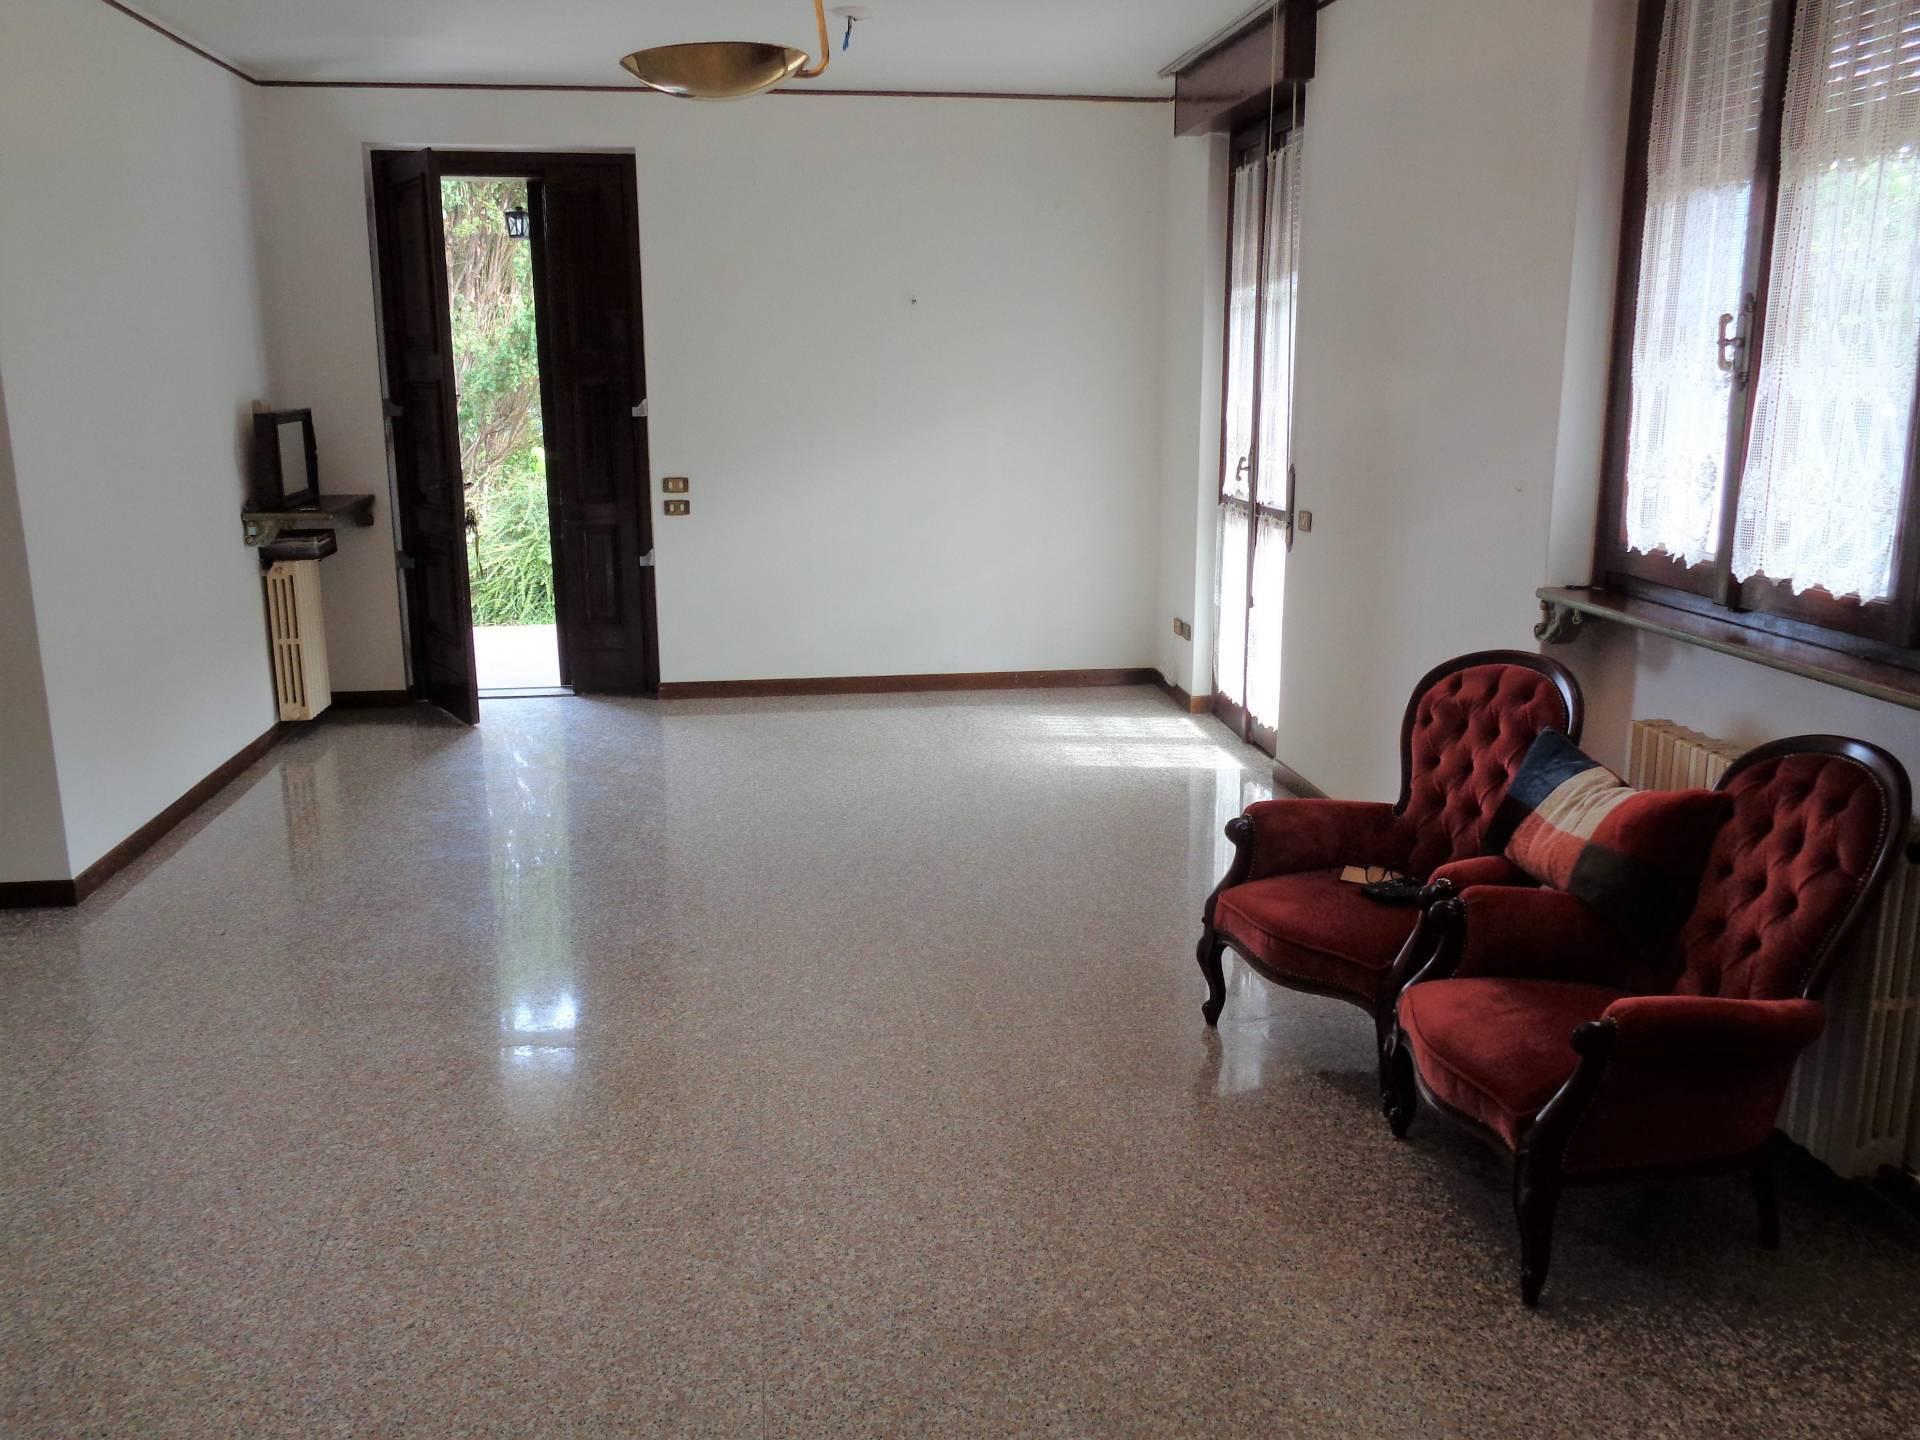 Appartamento in vendita a Vedano Olona, 4 locali, prezzo € 215.000 | PortaleAgenzieImmobiliari.it